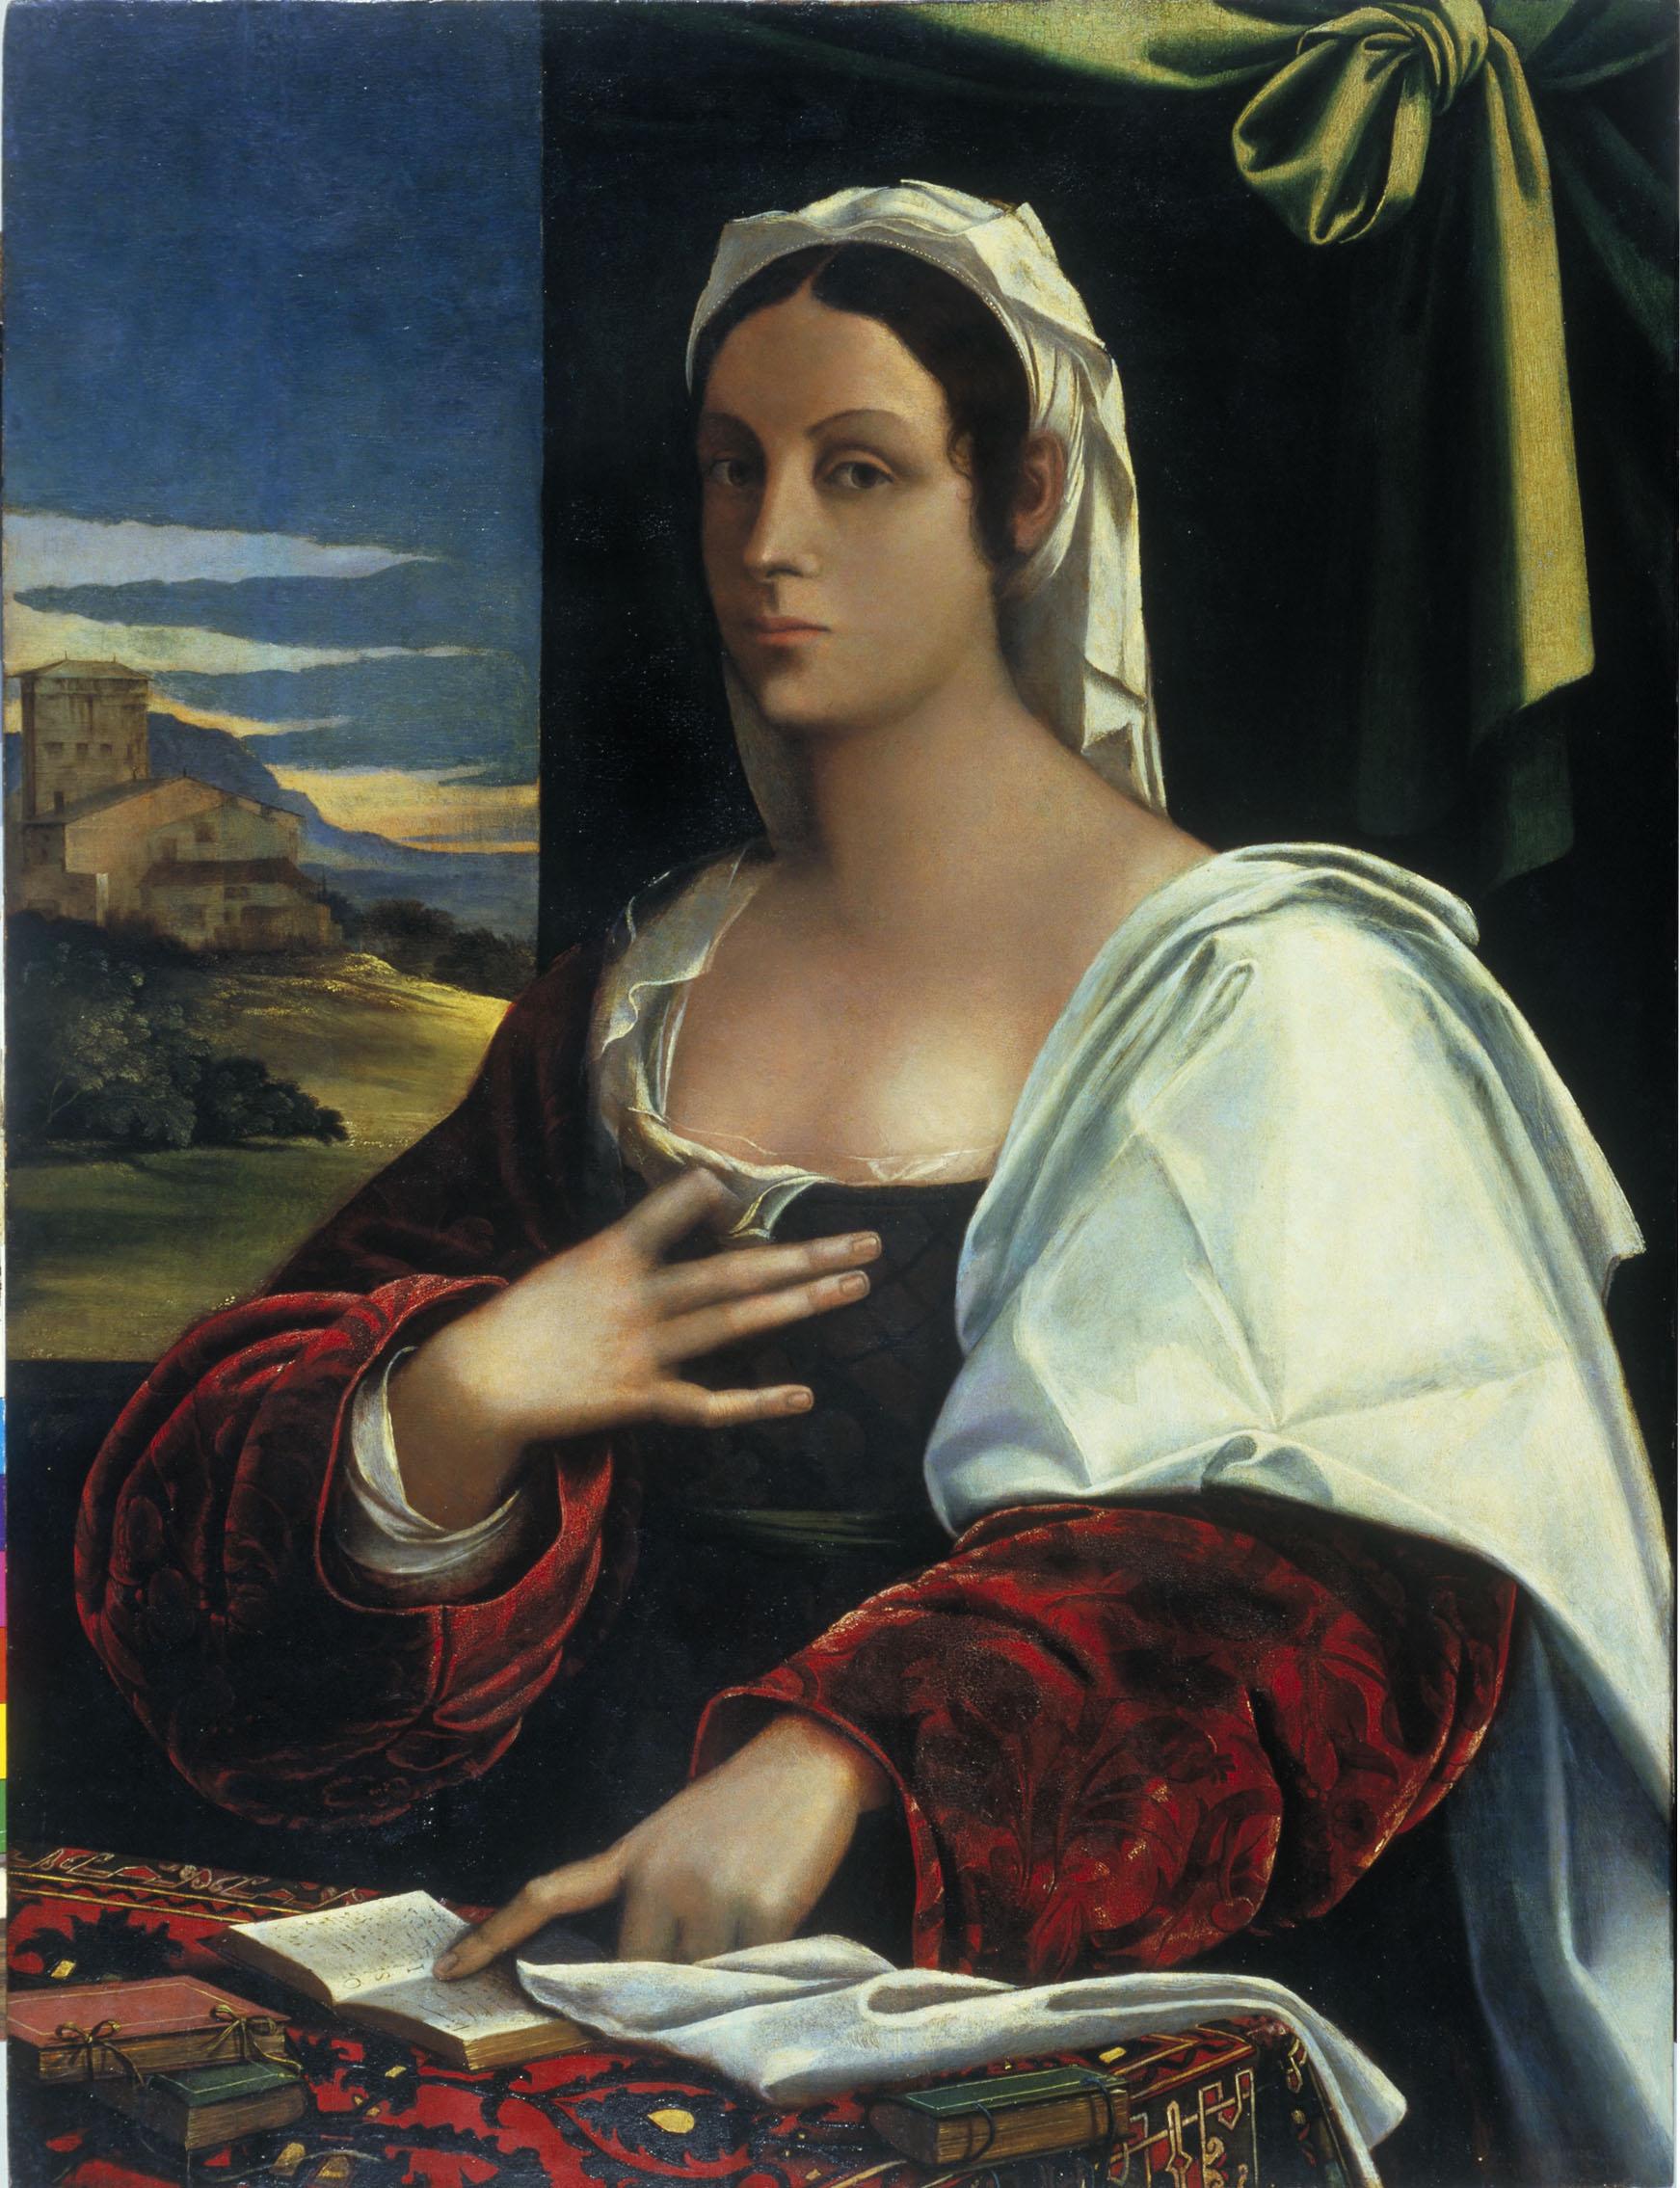 21. Sebastiano del Piombo. Vittoria Colonna. Llegat Francesc Cambo. Museu Nacional d'Art de Catalunya